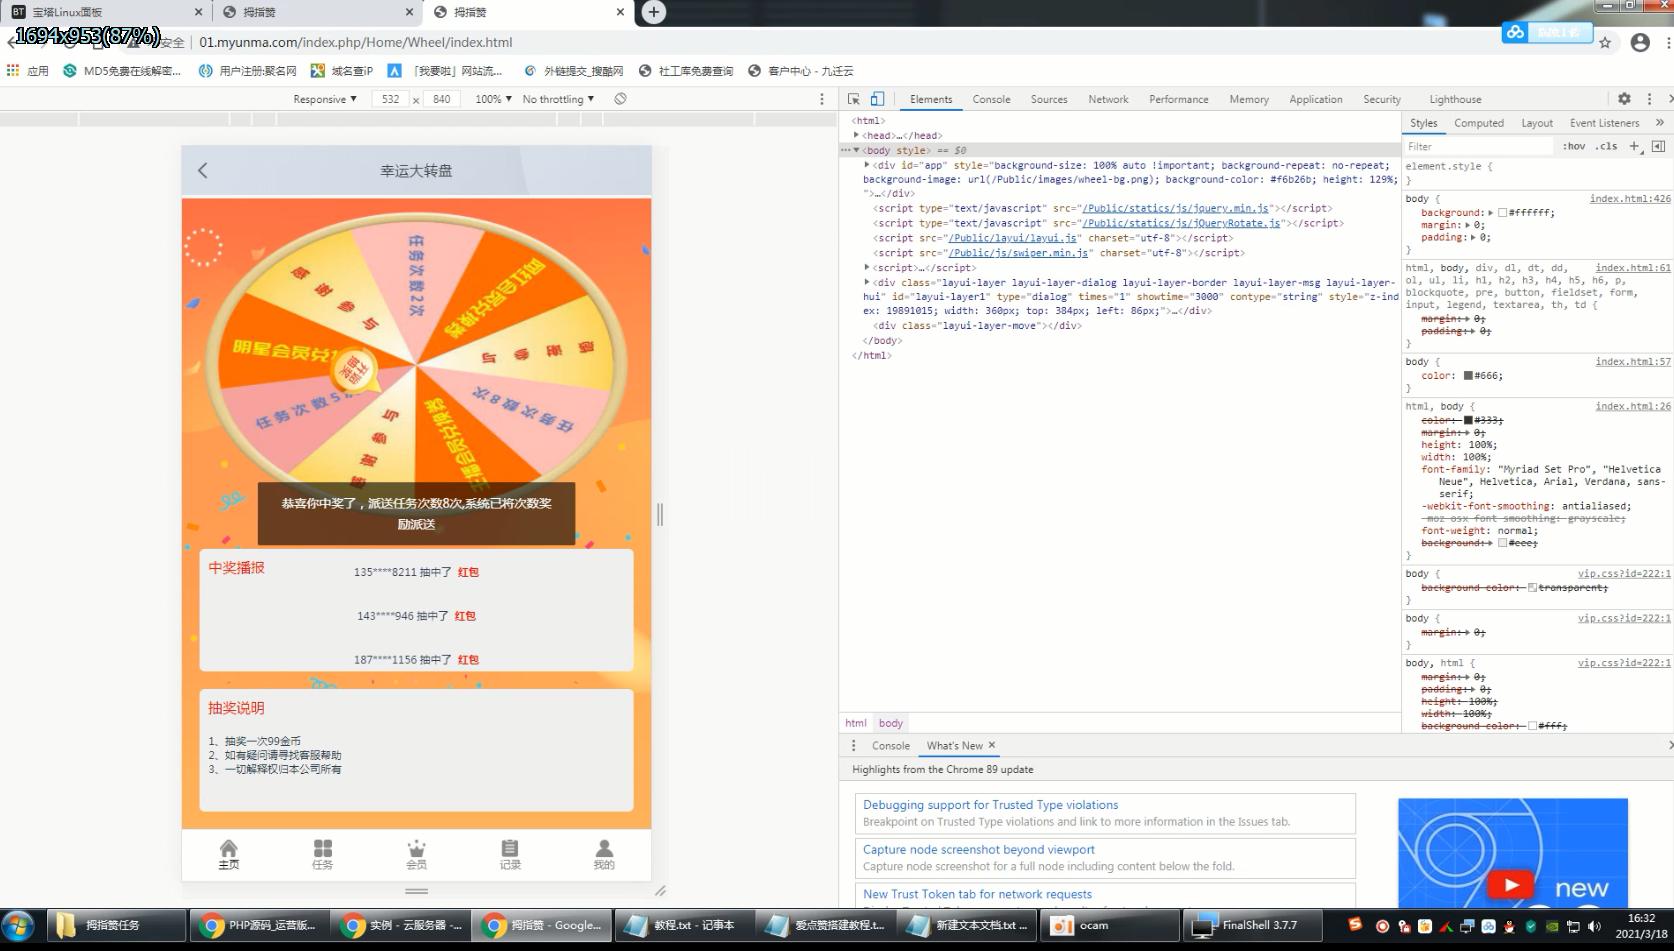 【搭建视频】抖音点赞任务悬赏网站系统源码运营版搭建视频-爱资源分享